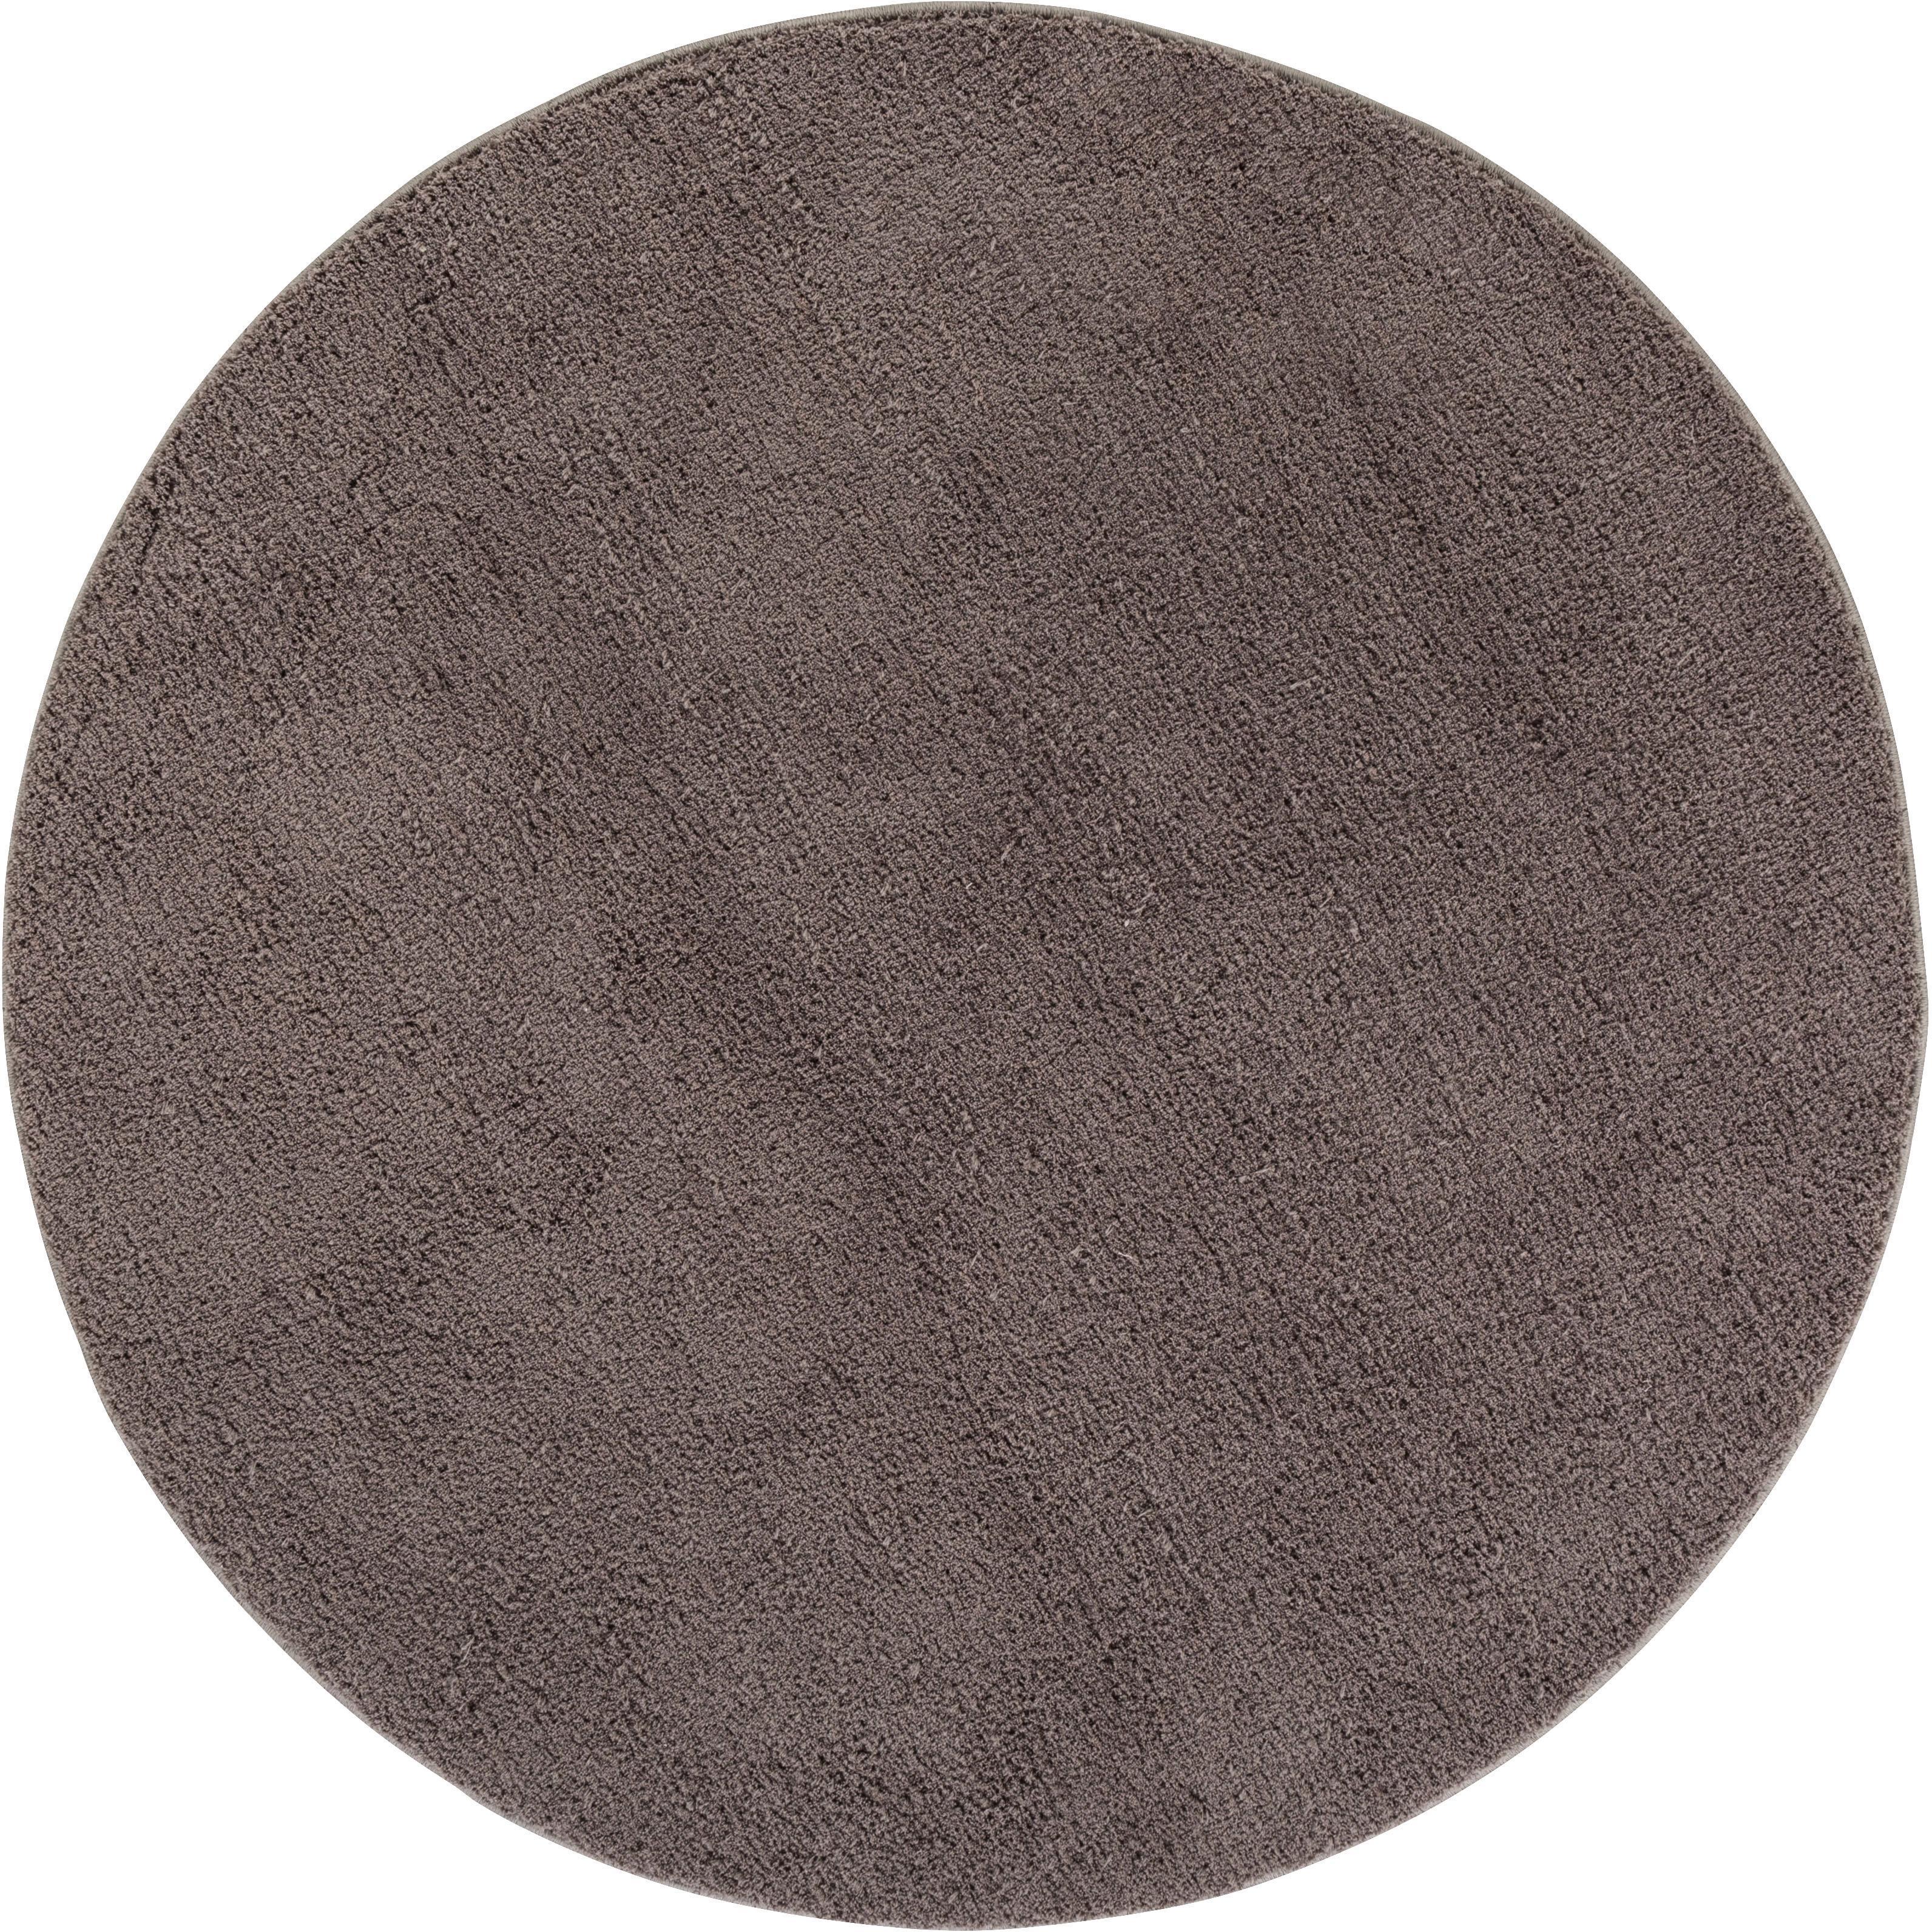 Hochflor-Teppich San Donato LUXOR living rund Höhe 27 mm maschinell getuftet